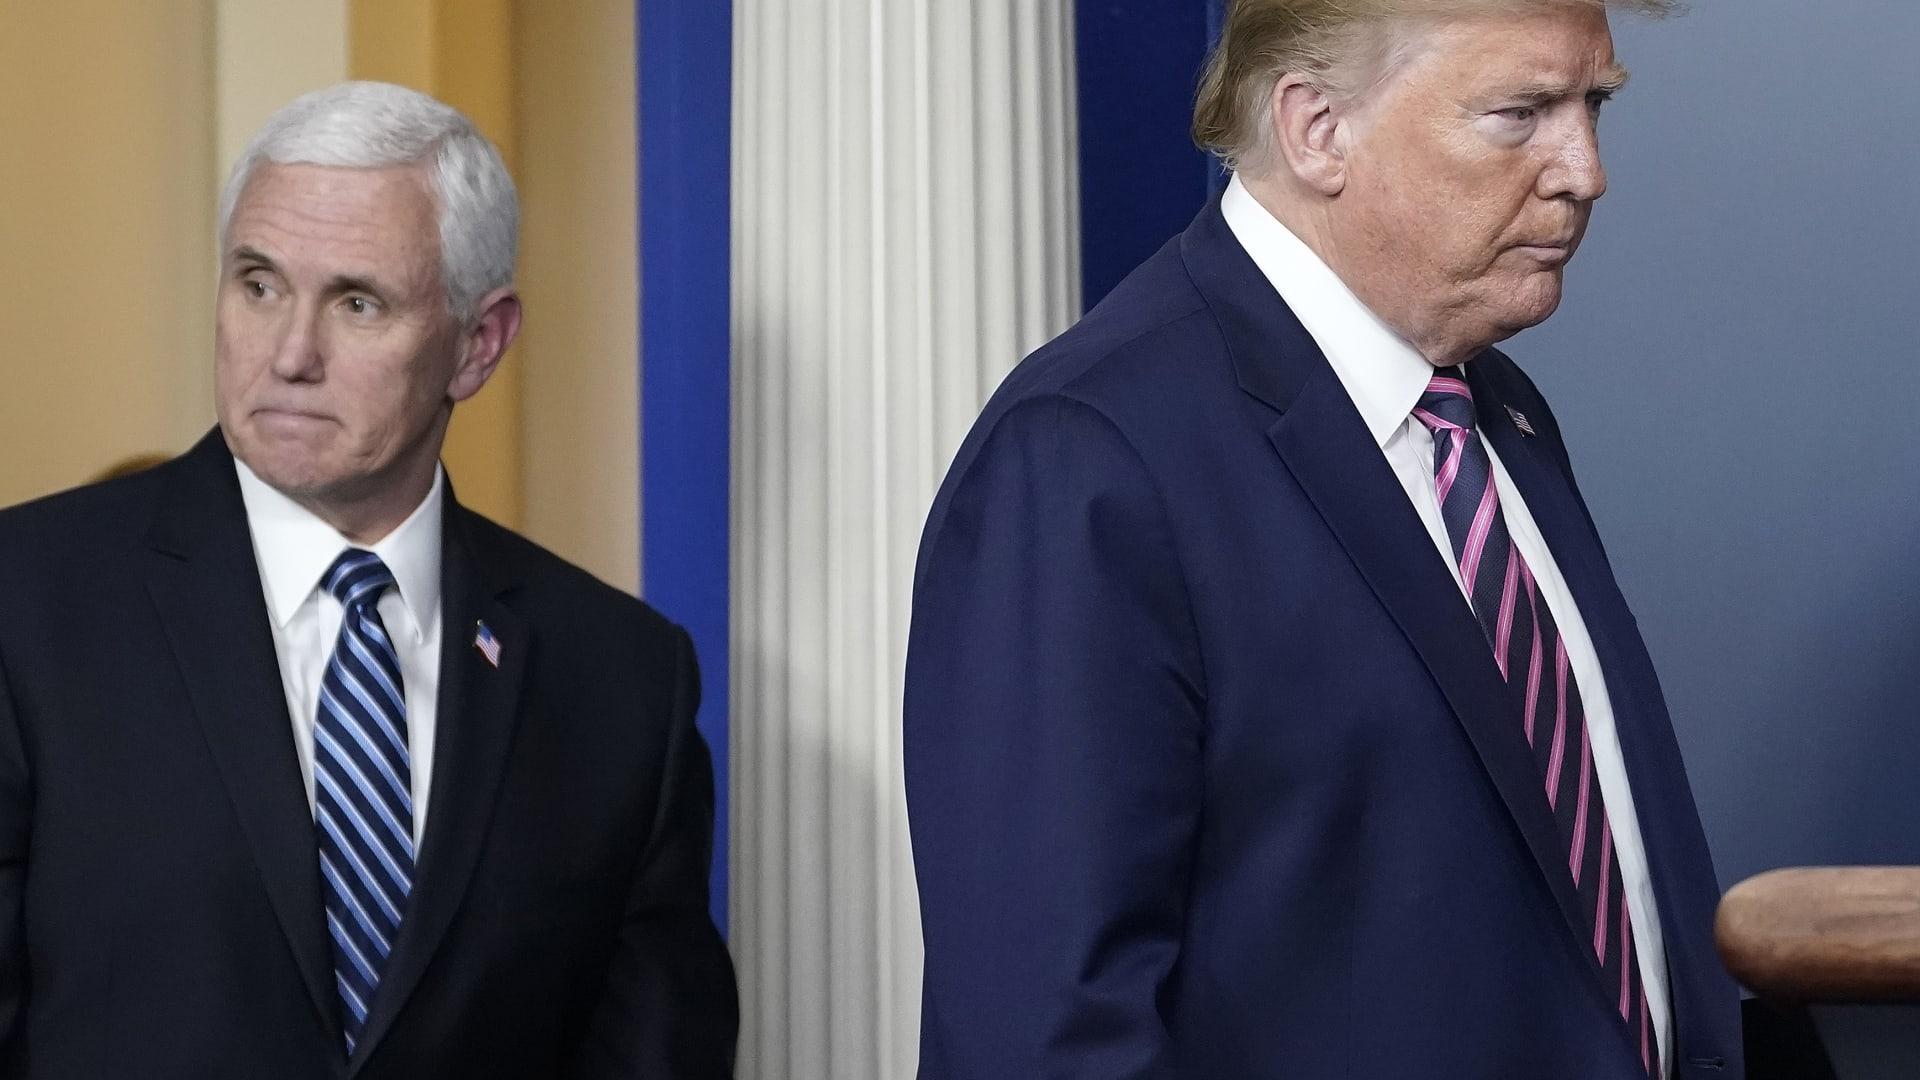 ترامب: آمل أن ينجح مايك بينس بإثبات تزوير نتائج الانتخابات